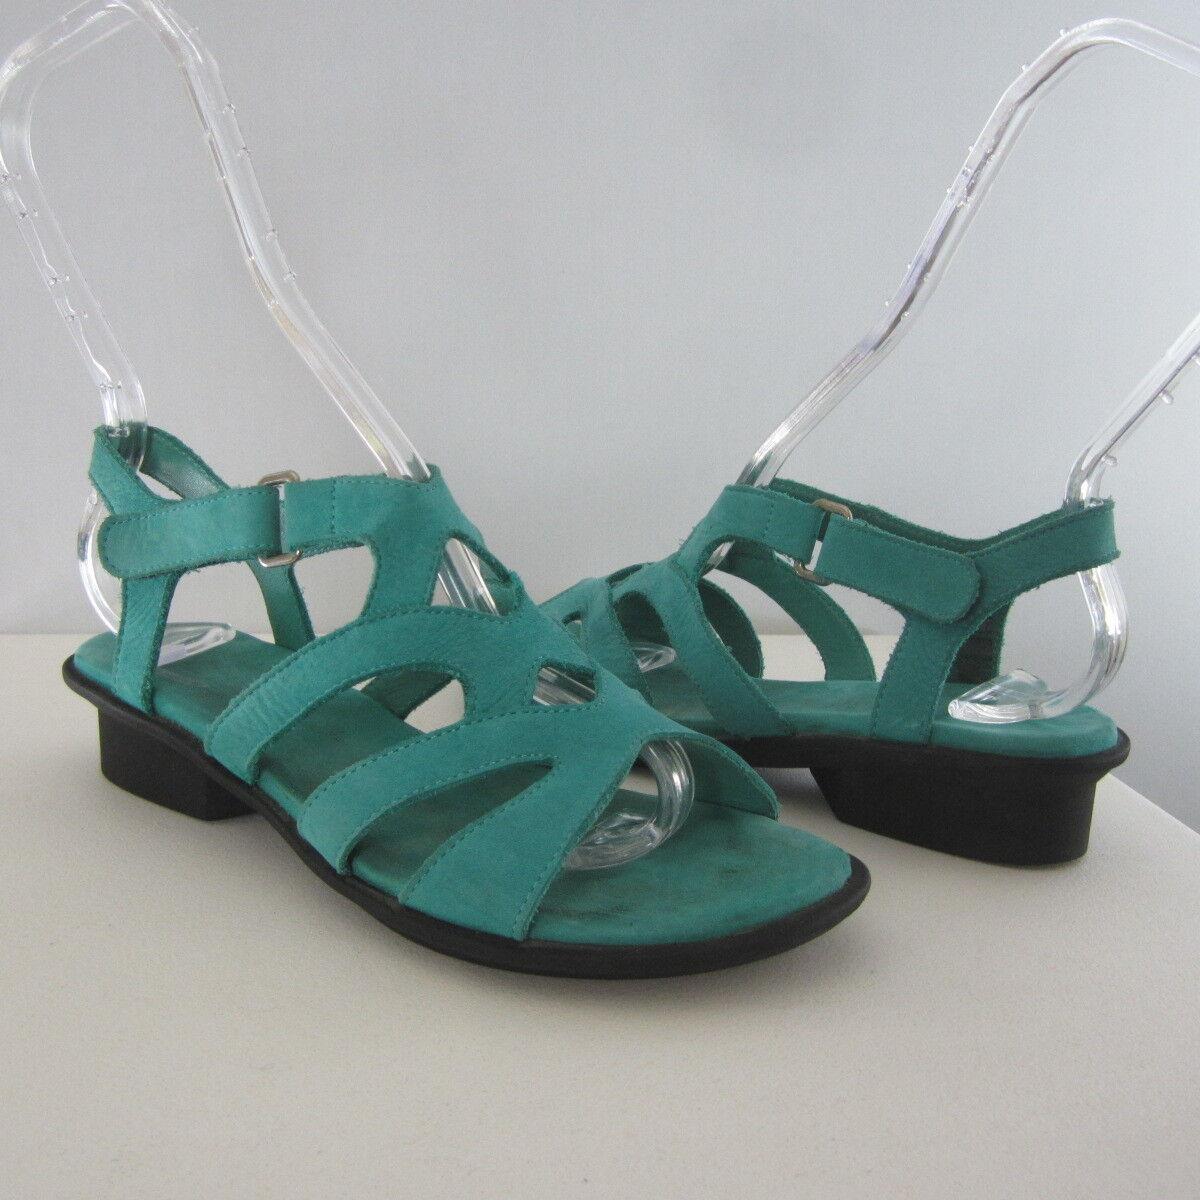 ARCHE Damenschuhe US 5 M EUR    36 Turquoise Blau Nubuck Leder Ankle Strap Sandales 8e85c2